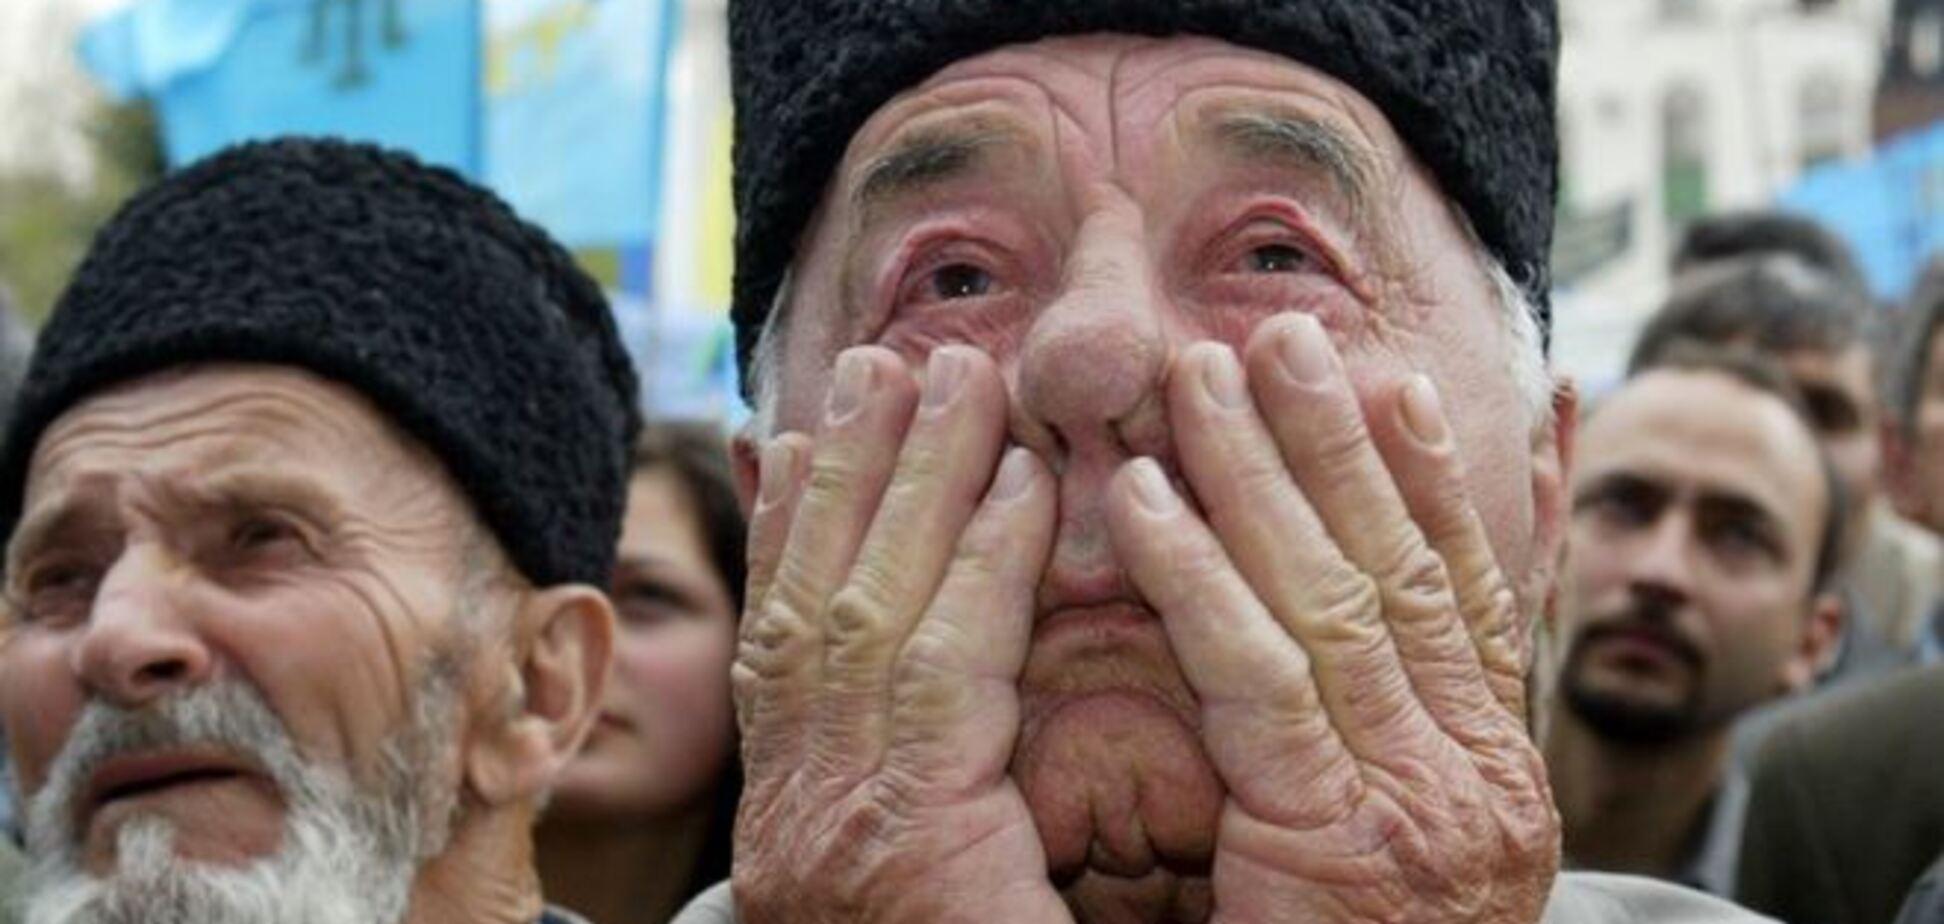 Оккупанты поставили крымских татар на грань нового геноцида